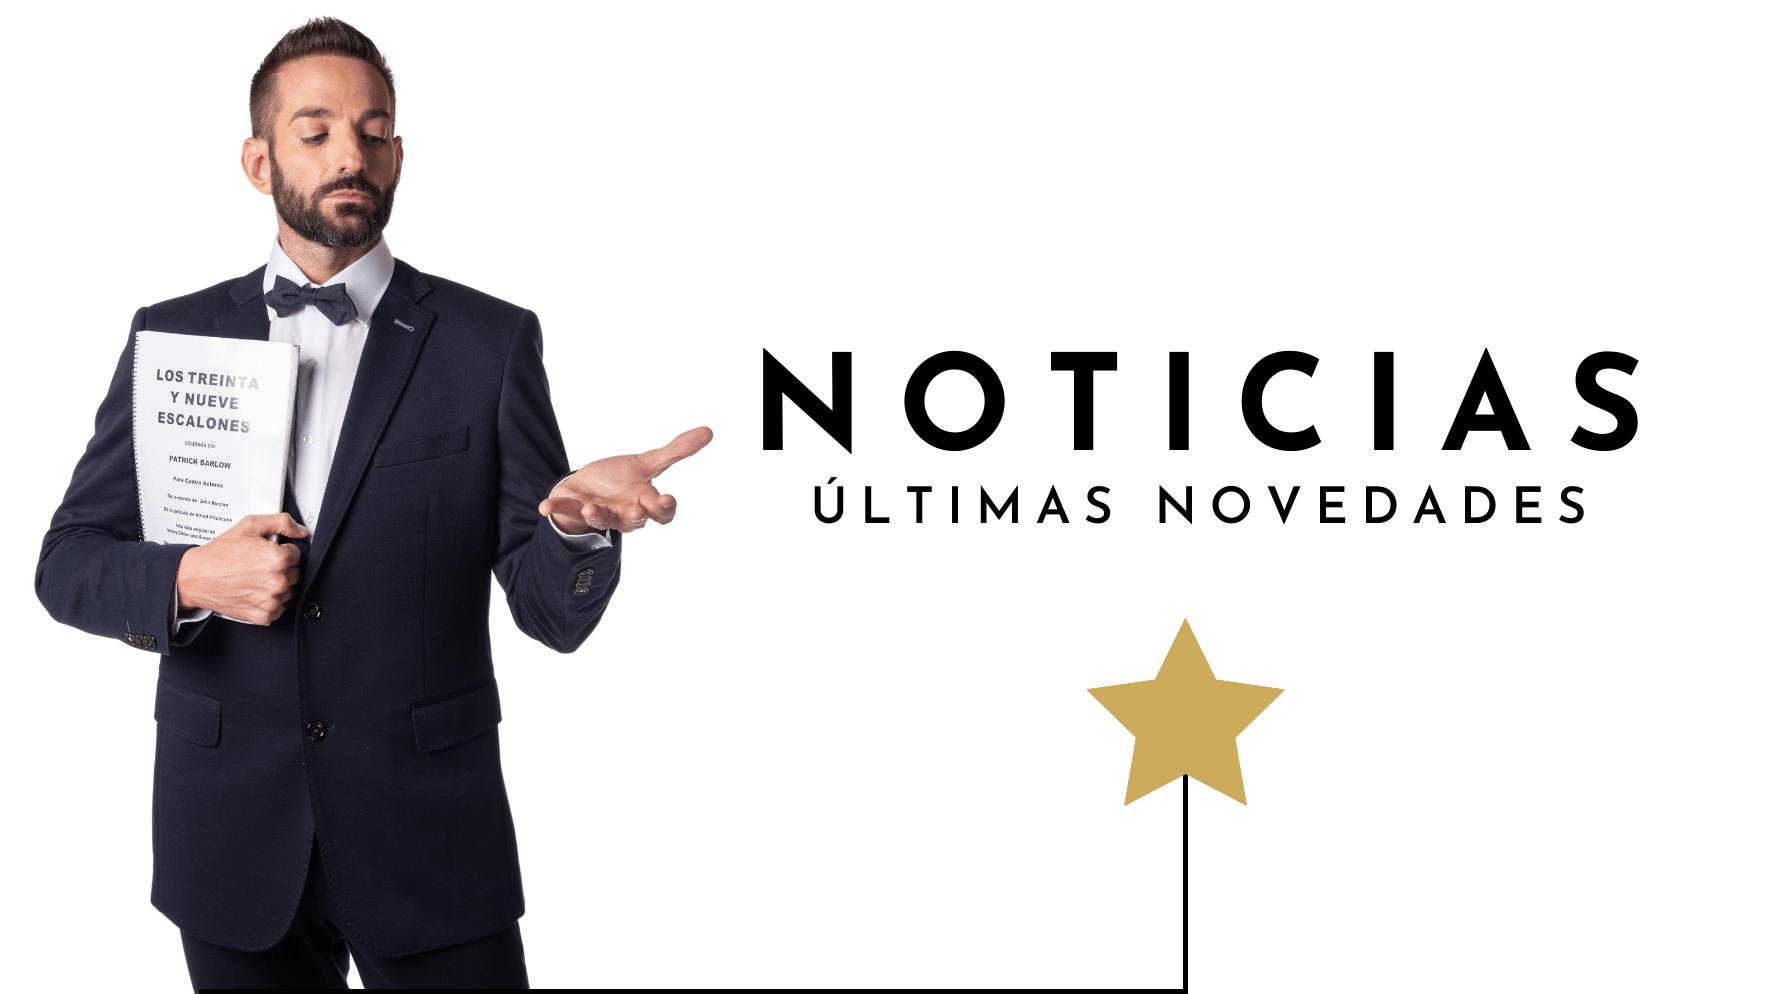 Rubén Yuste Noticias